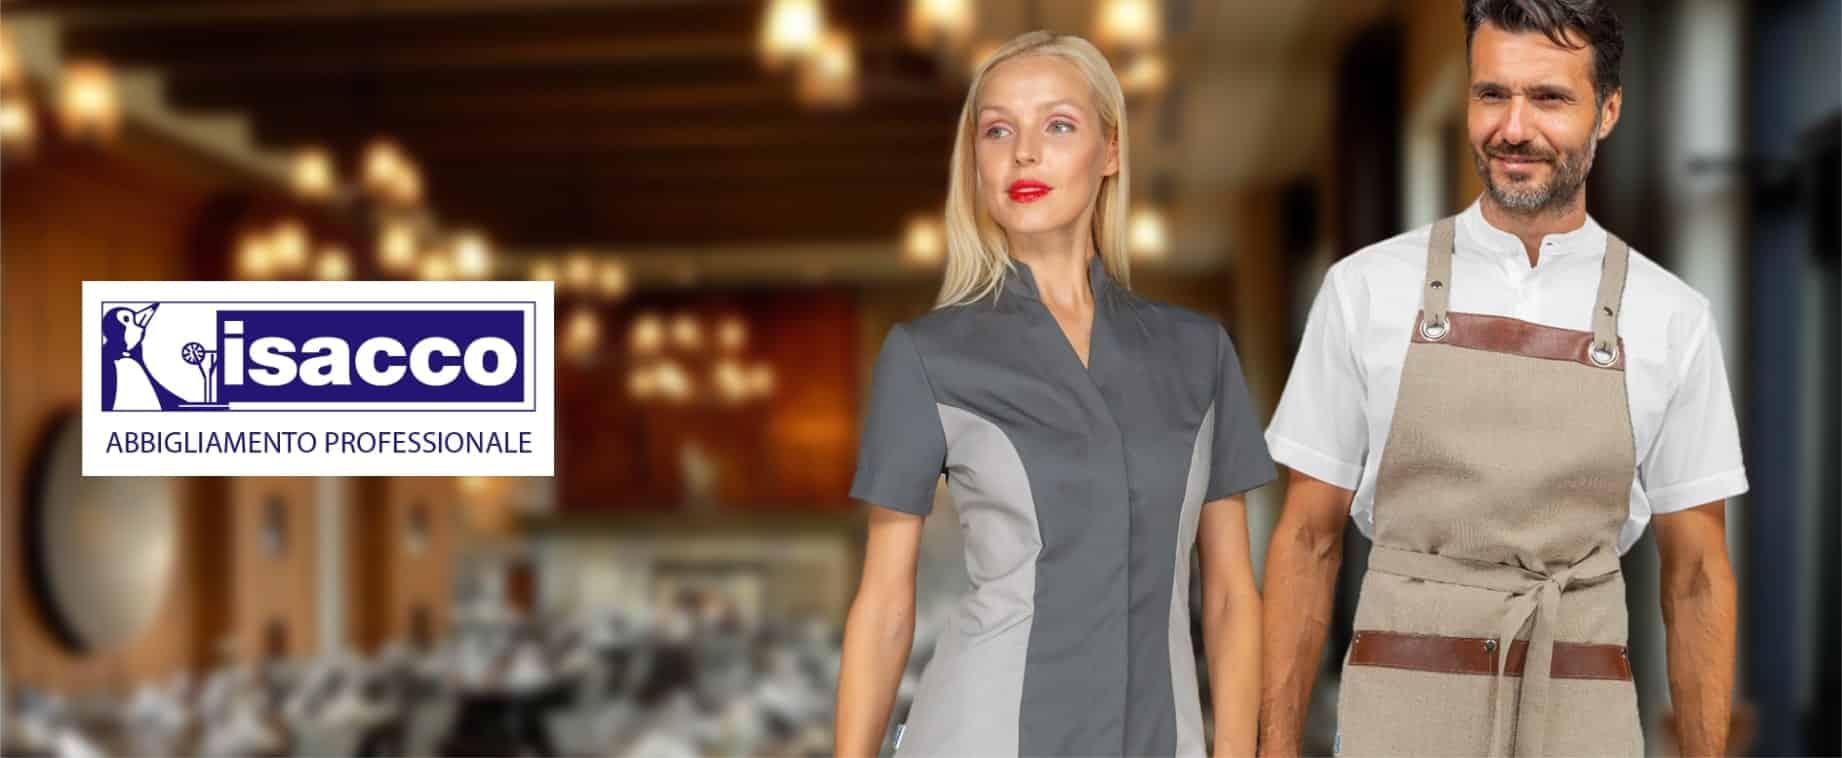 banner-home-abbigliamento-da-lavoro-isacco